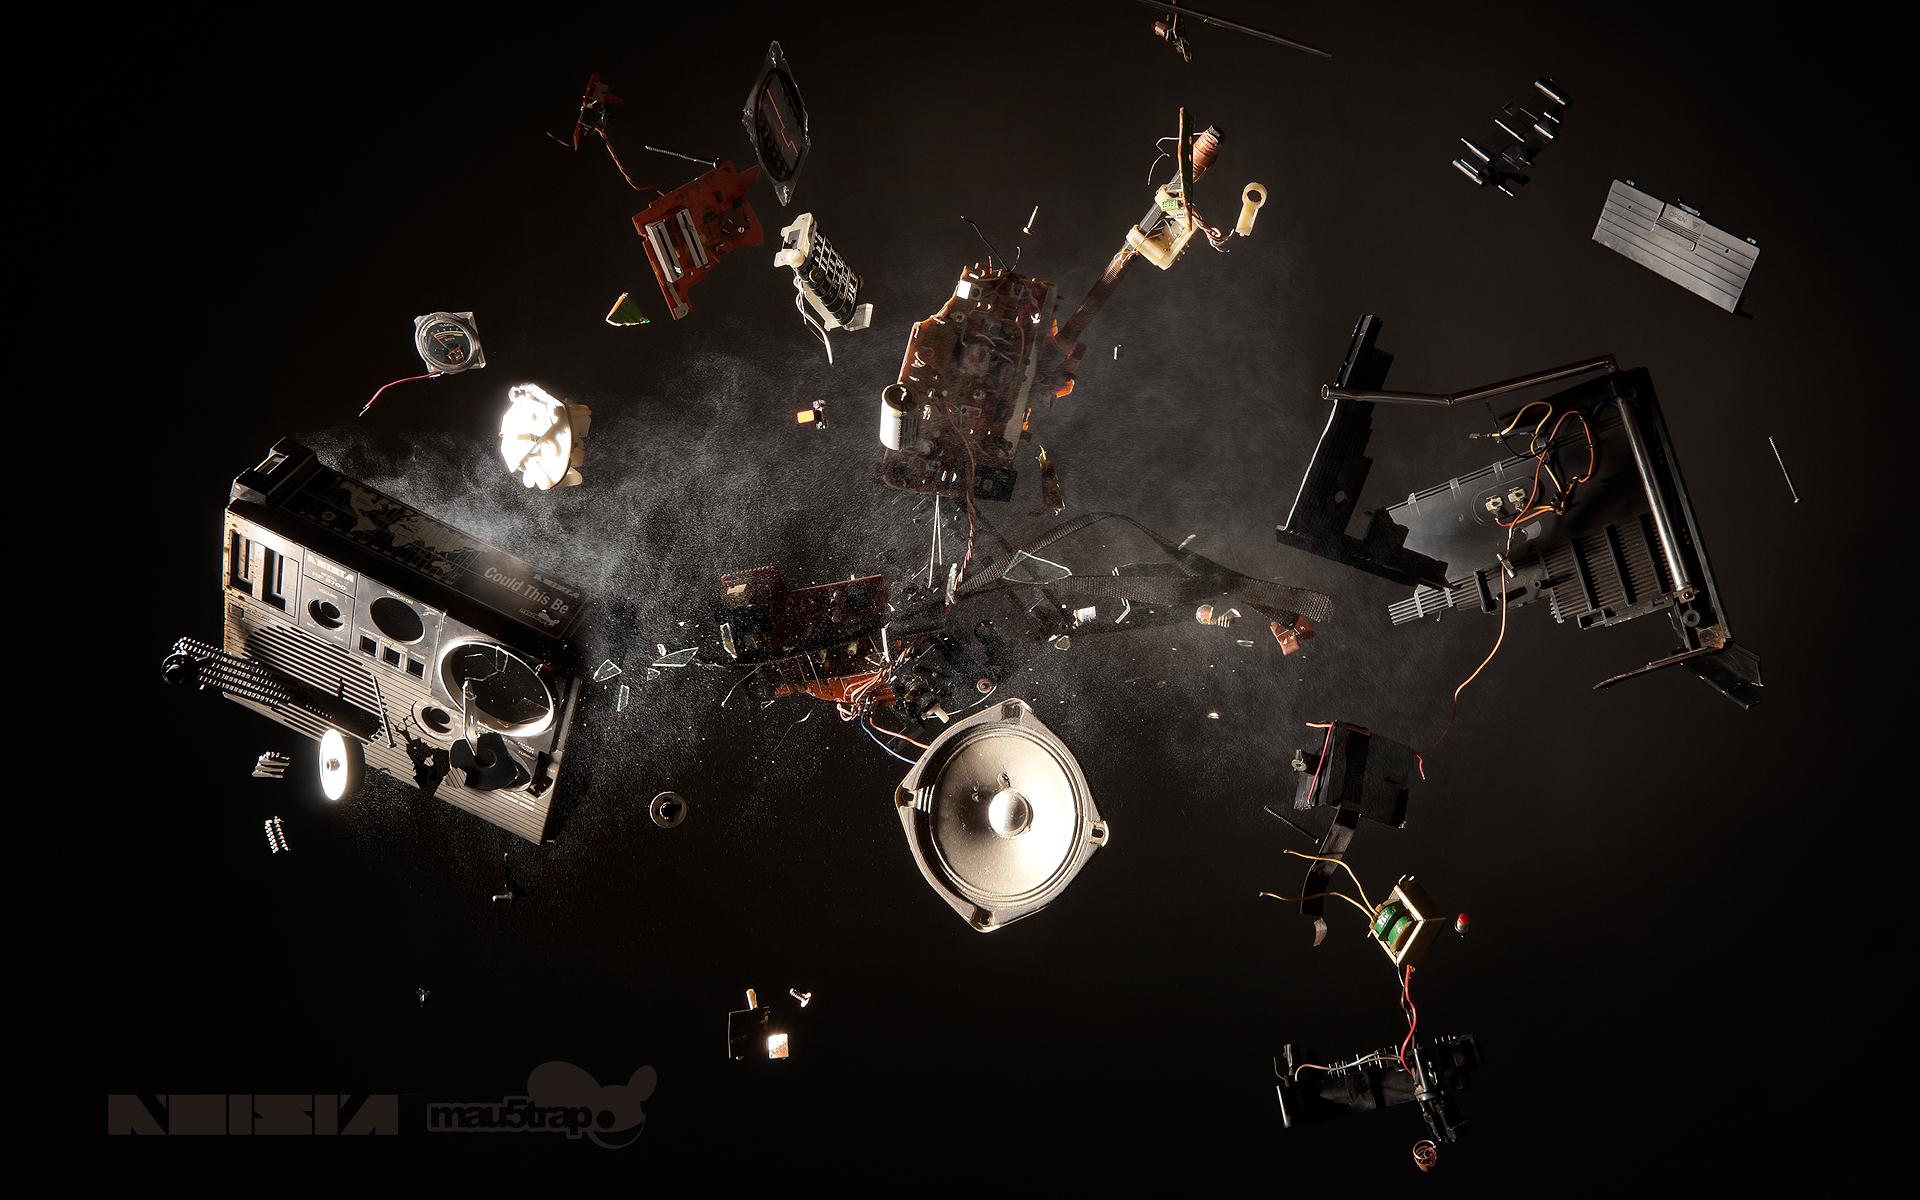 Взрыв музыки картинки